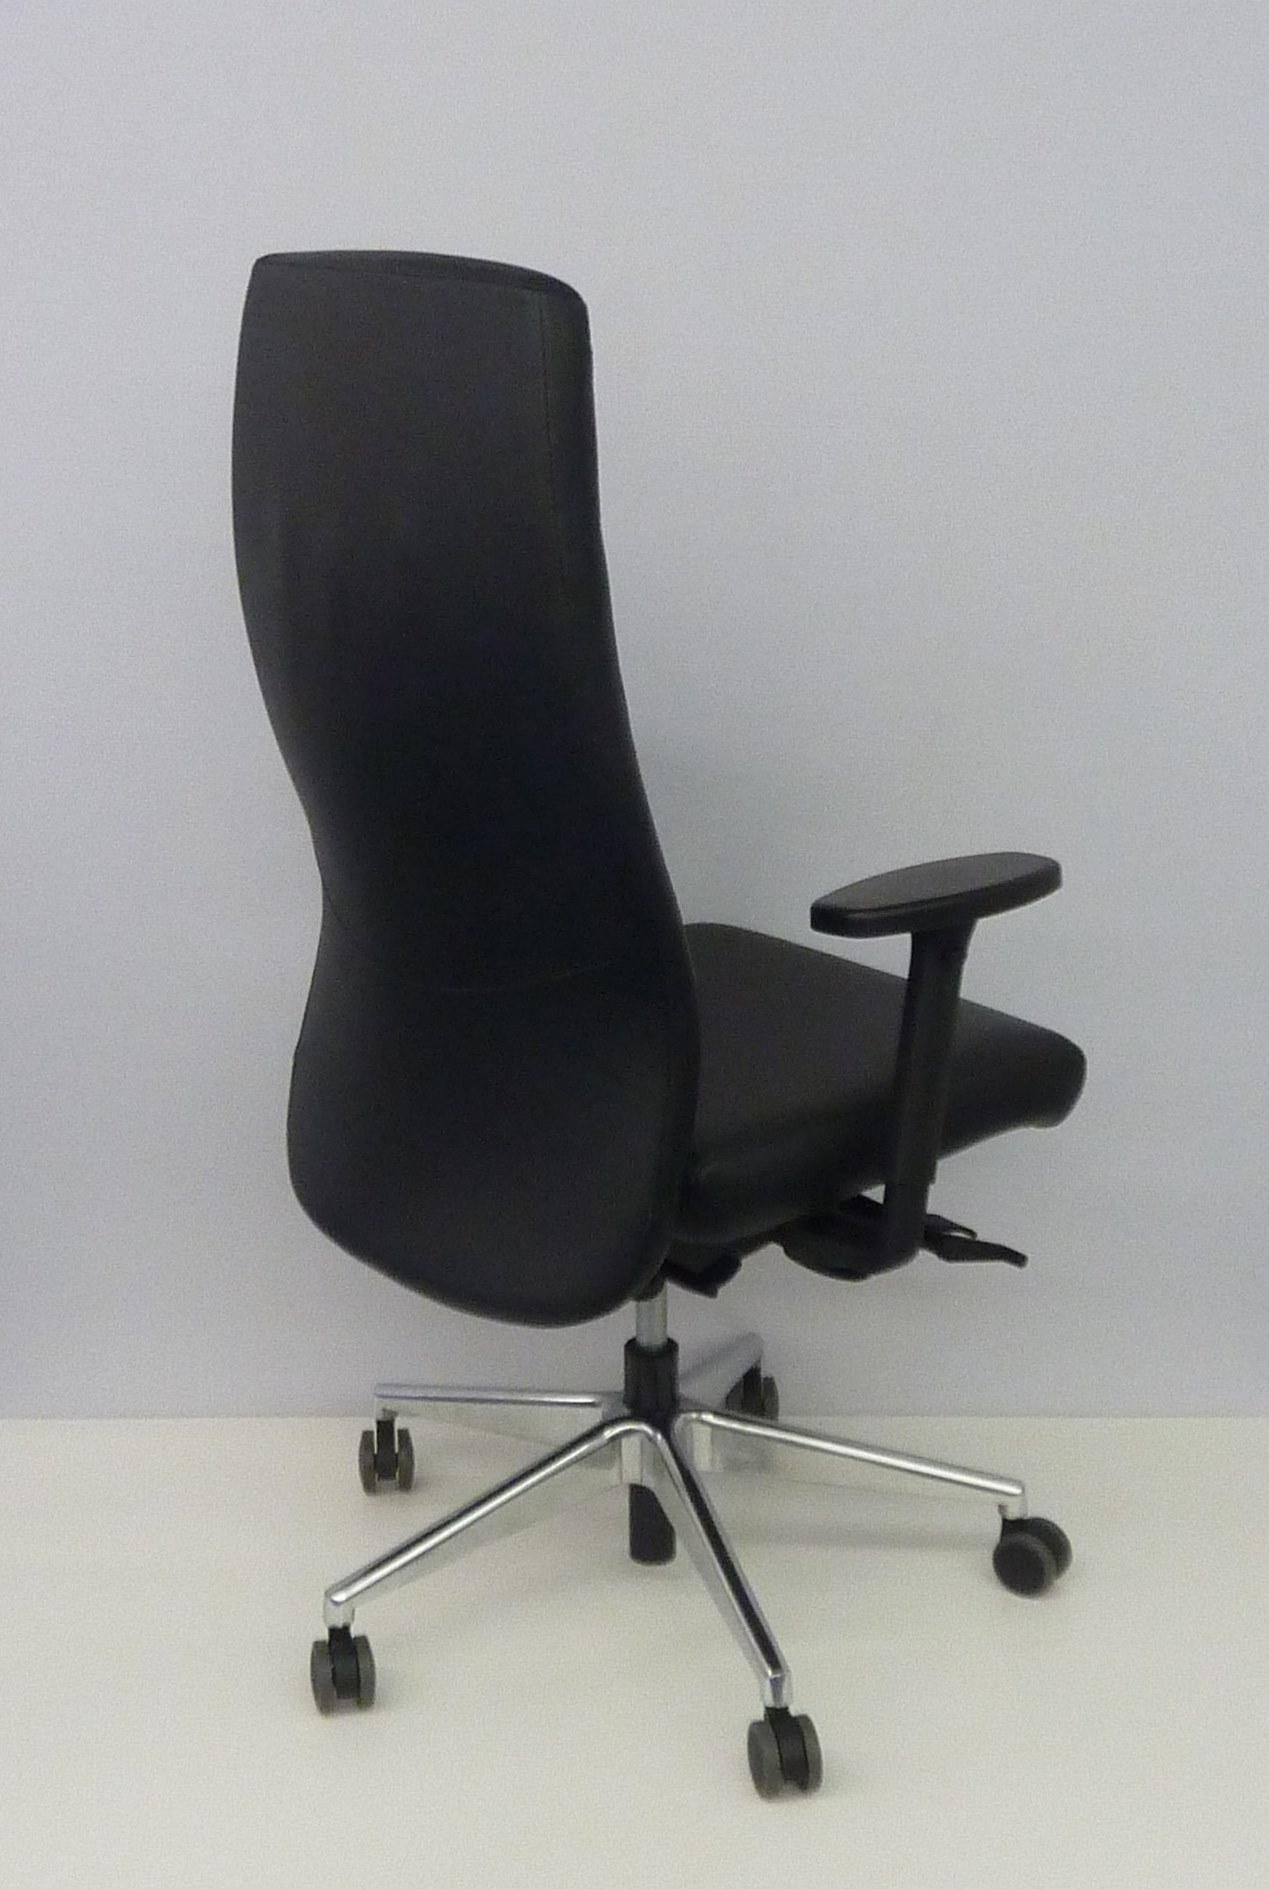 ROVO XL 5910 4